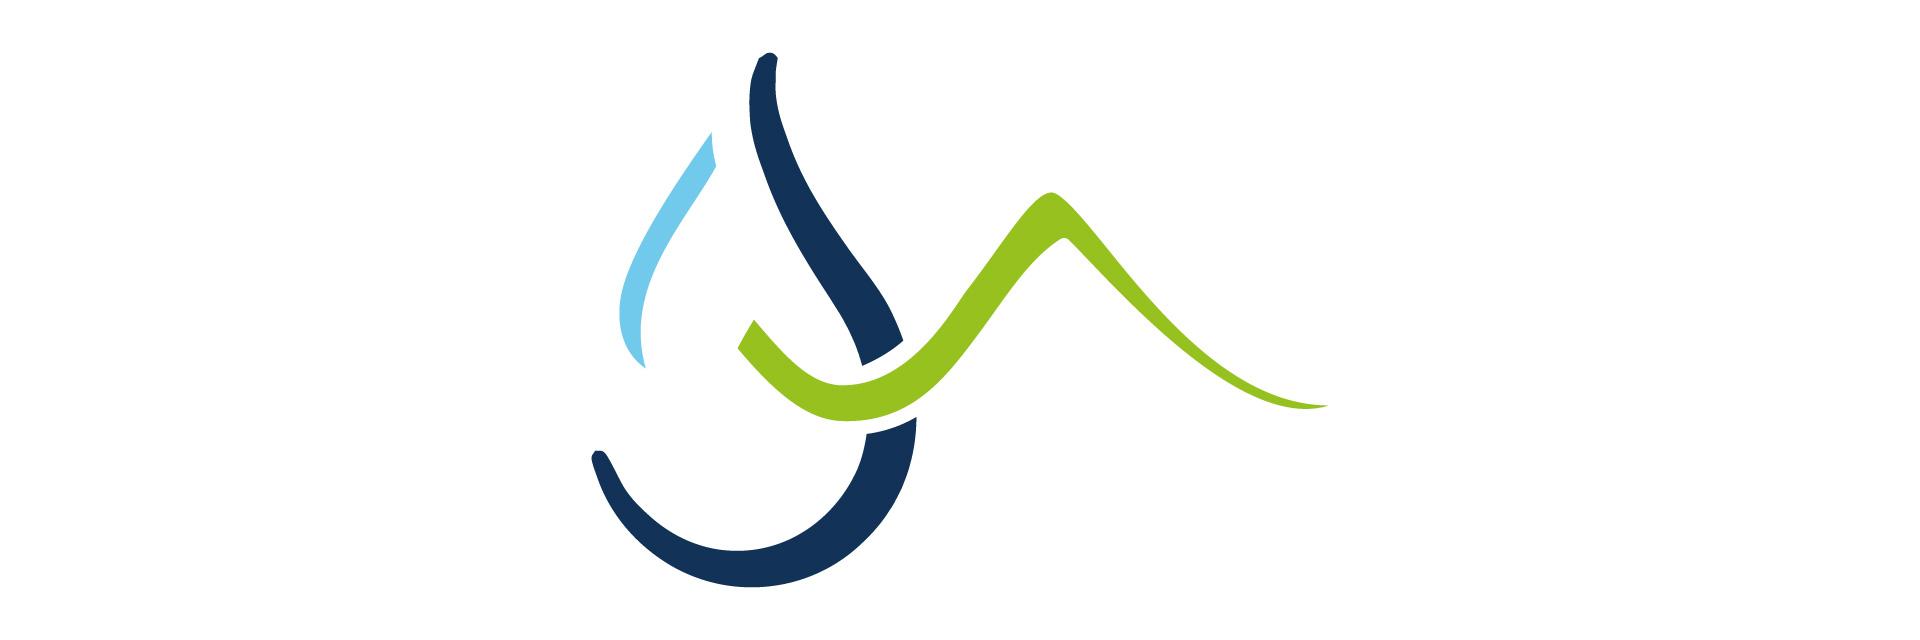 Logo des Sources du haut plateau créé par l'agence studio N°3